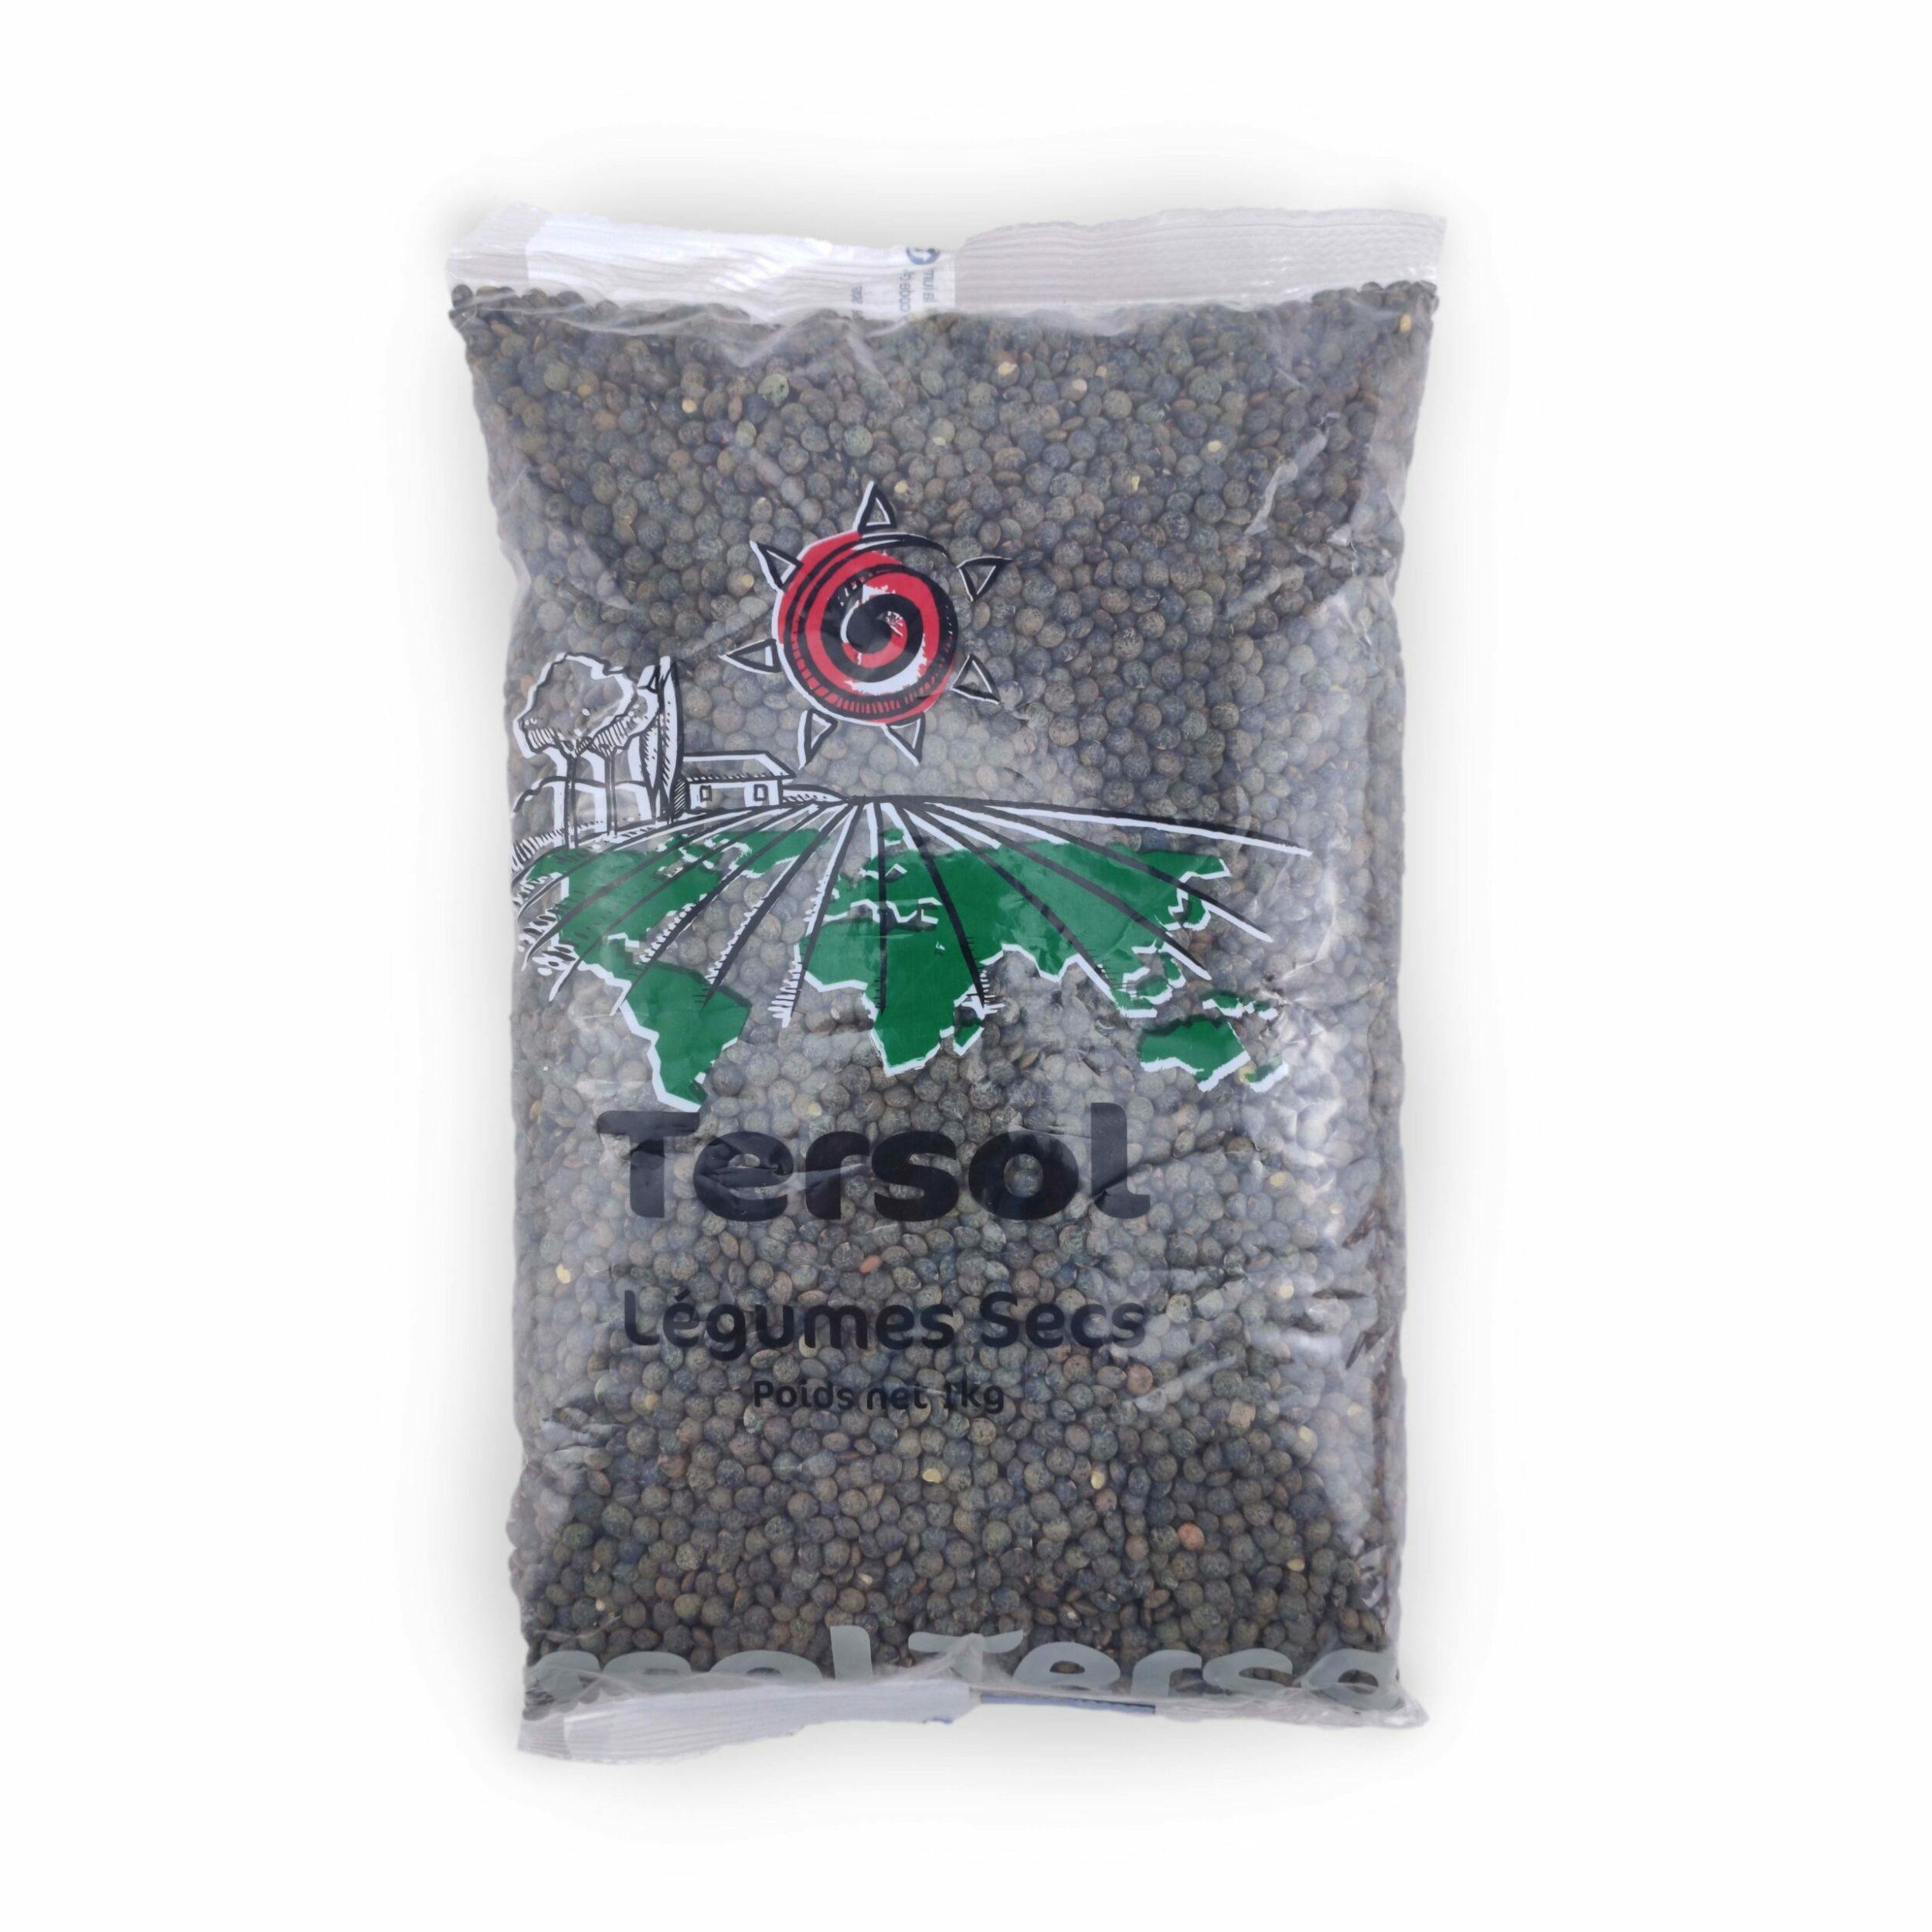 lentilles-vertes-france-tersol-sachet-1kg-site-web-moushenco